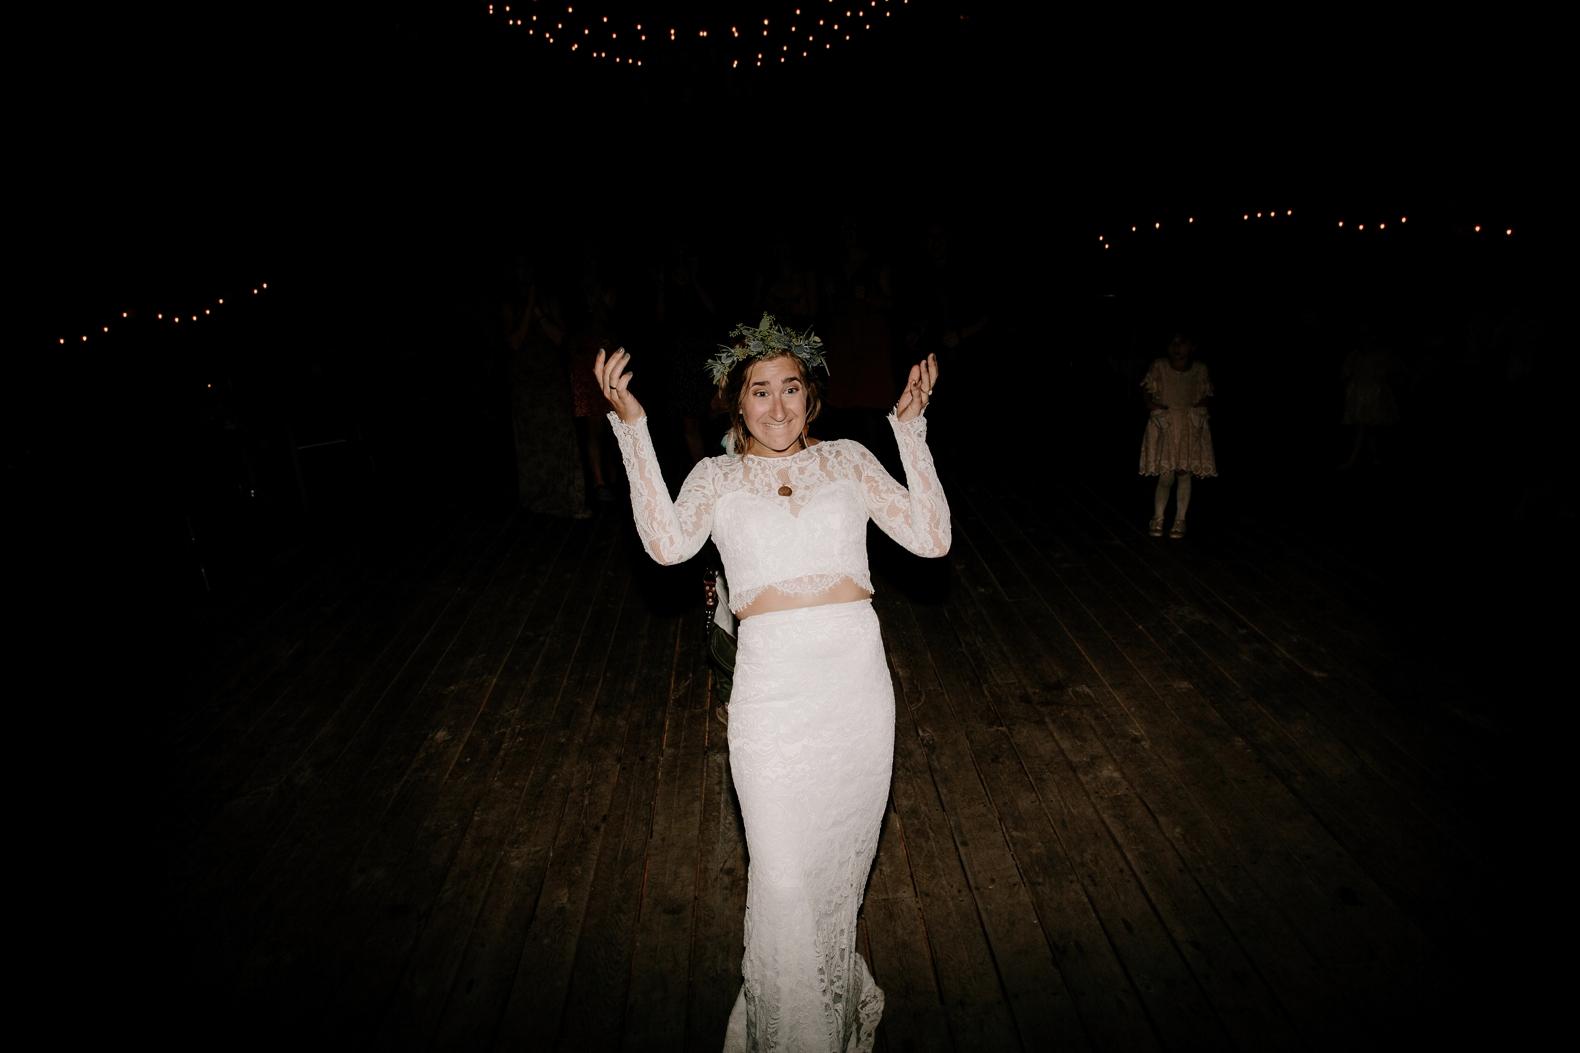 nashville-outdoor-wedding-0111